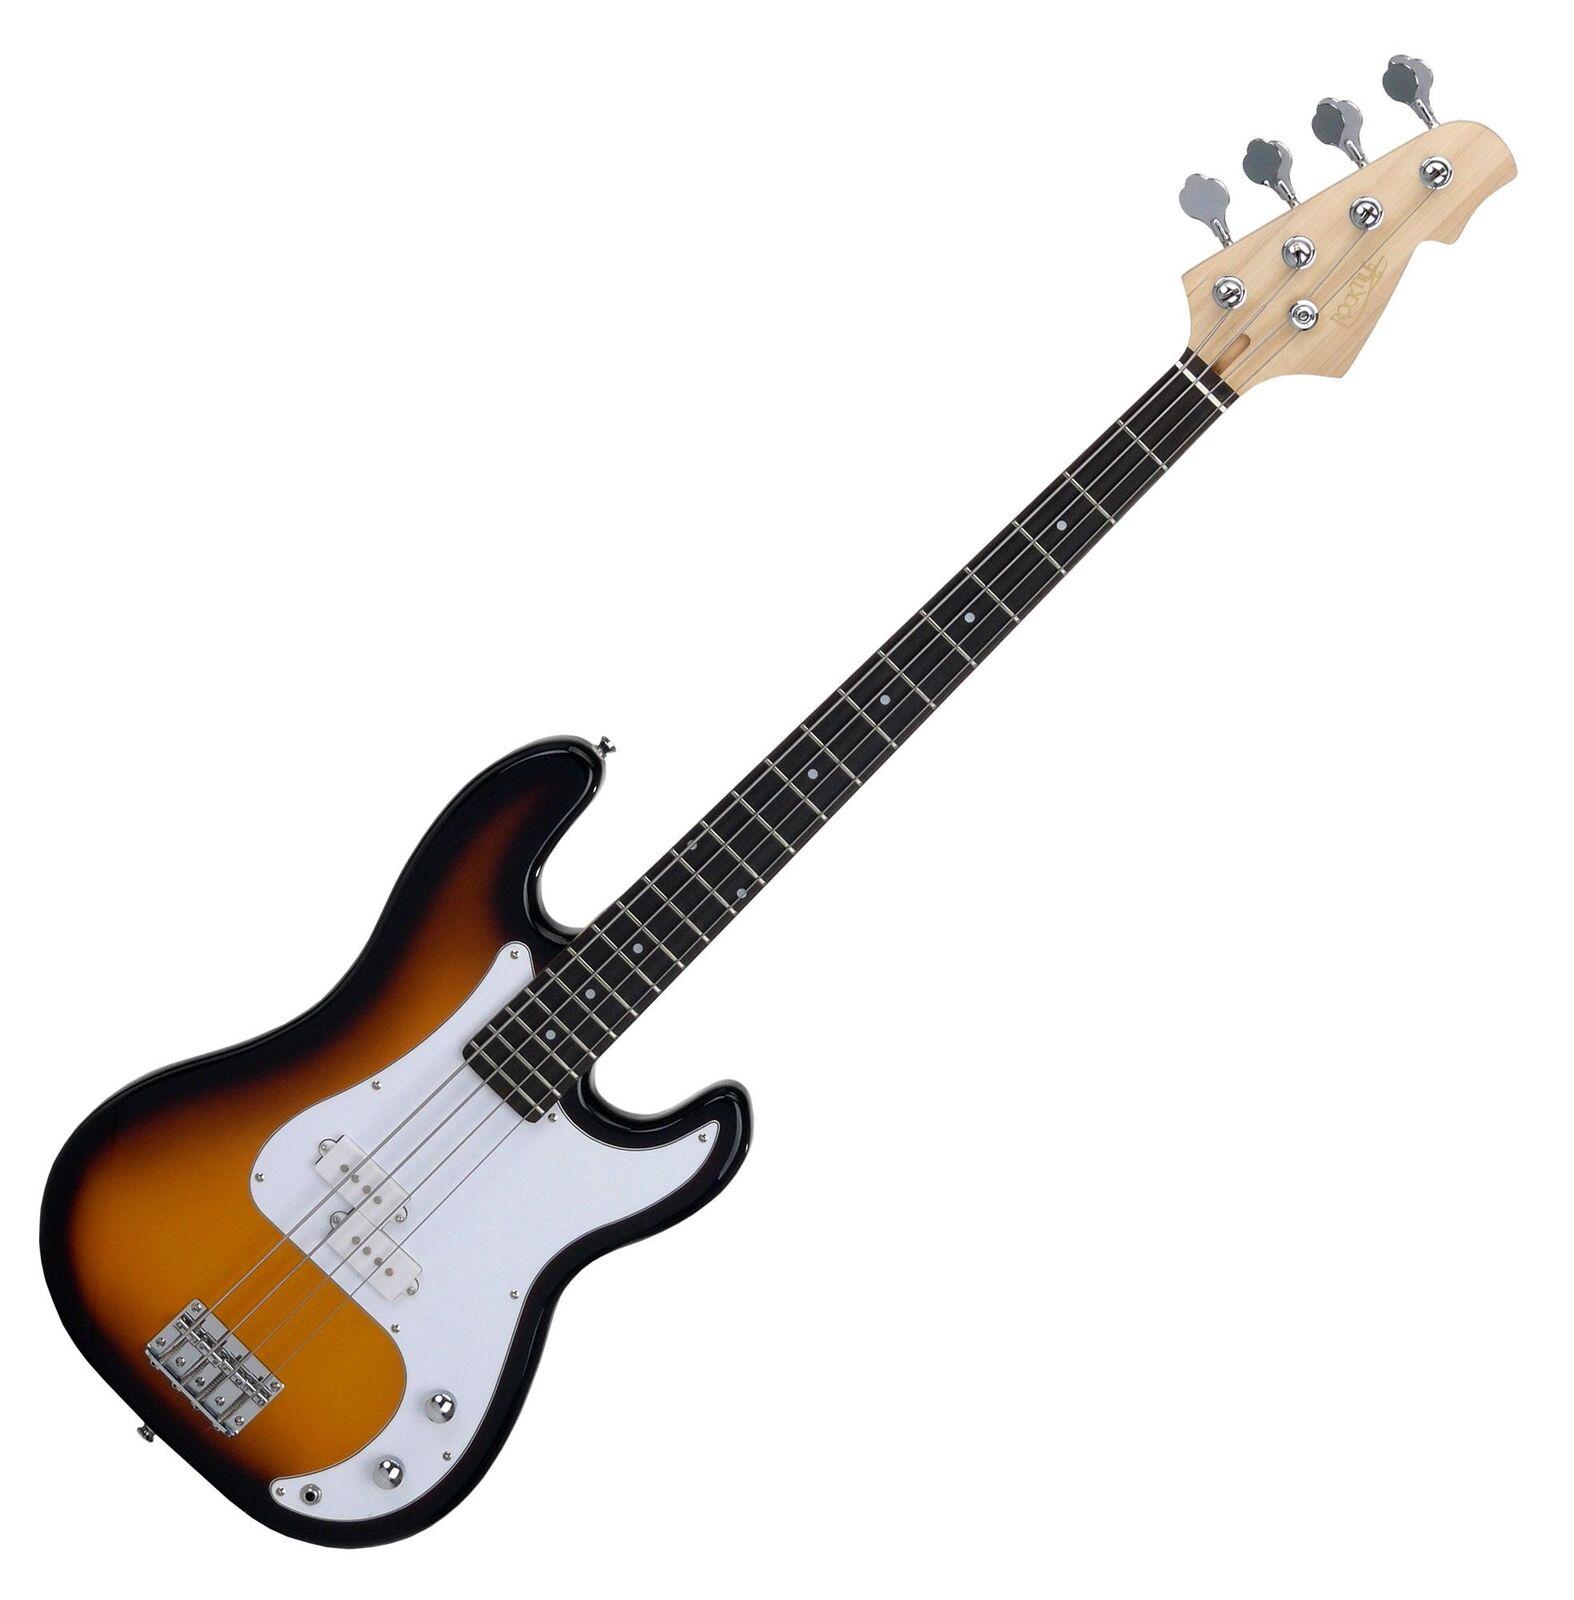 Rocktile Puncher preci e-Bass guitarra eléctrica Bass guitarra guitarra guitarra 4 cuerdas Sunburst  disfruta ahorrando 30-50% de descuento